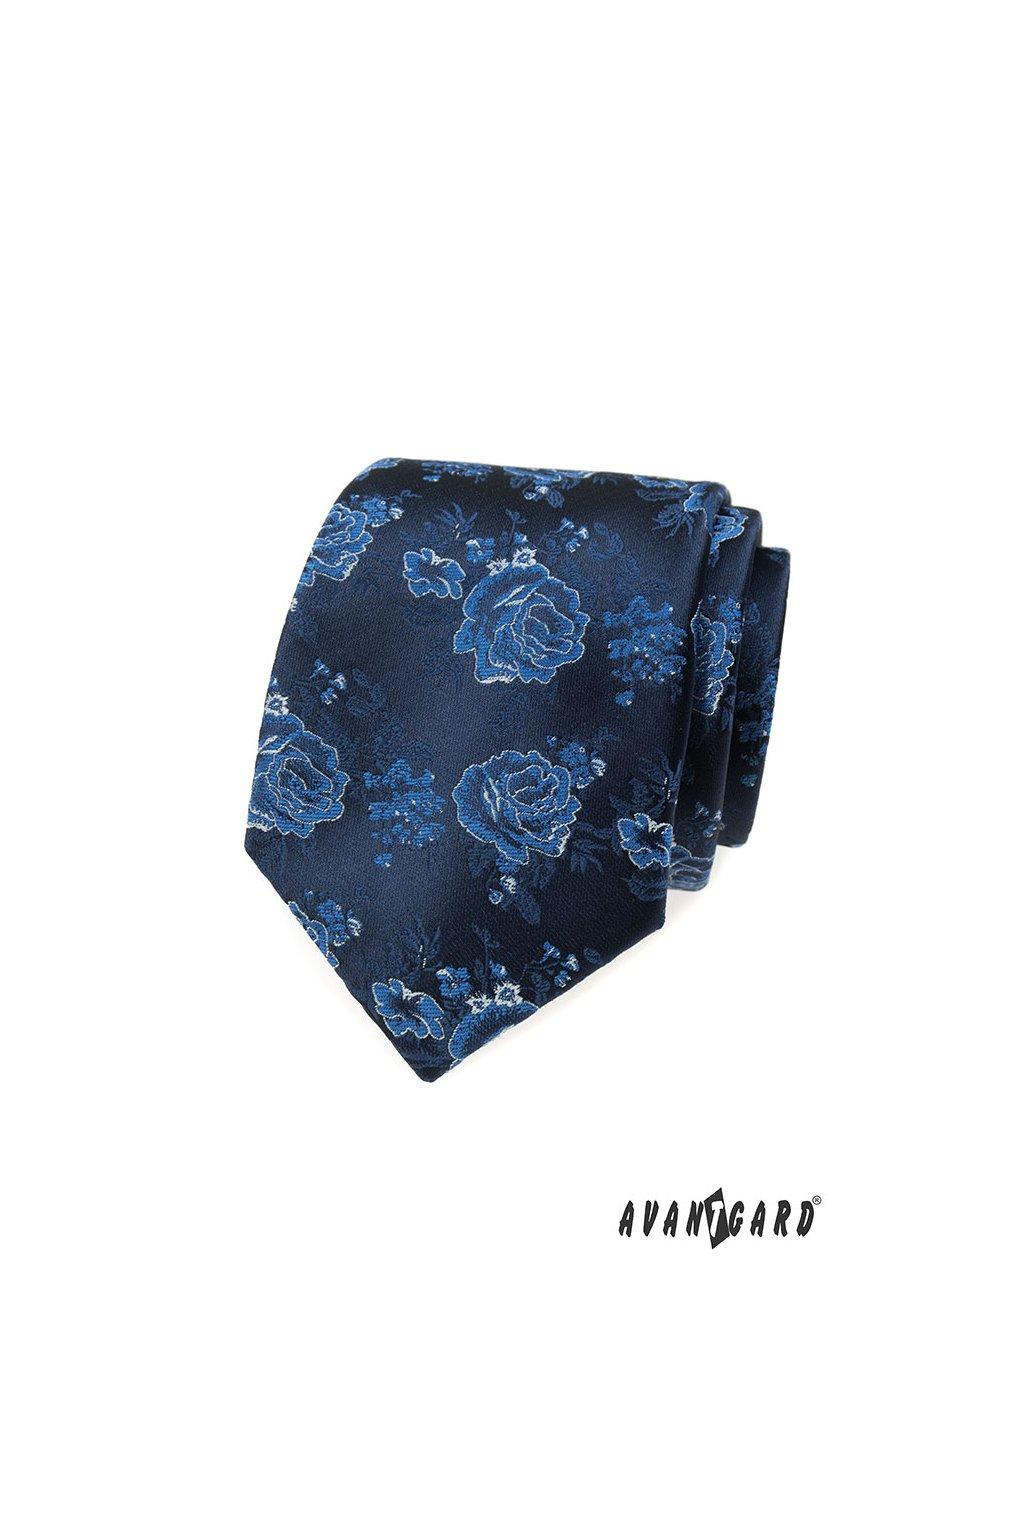 Modrá luxusní kravata s růží 561 - 62379